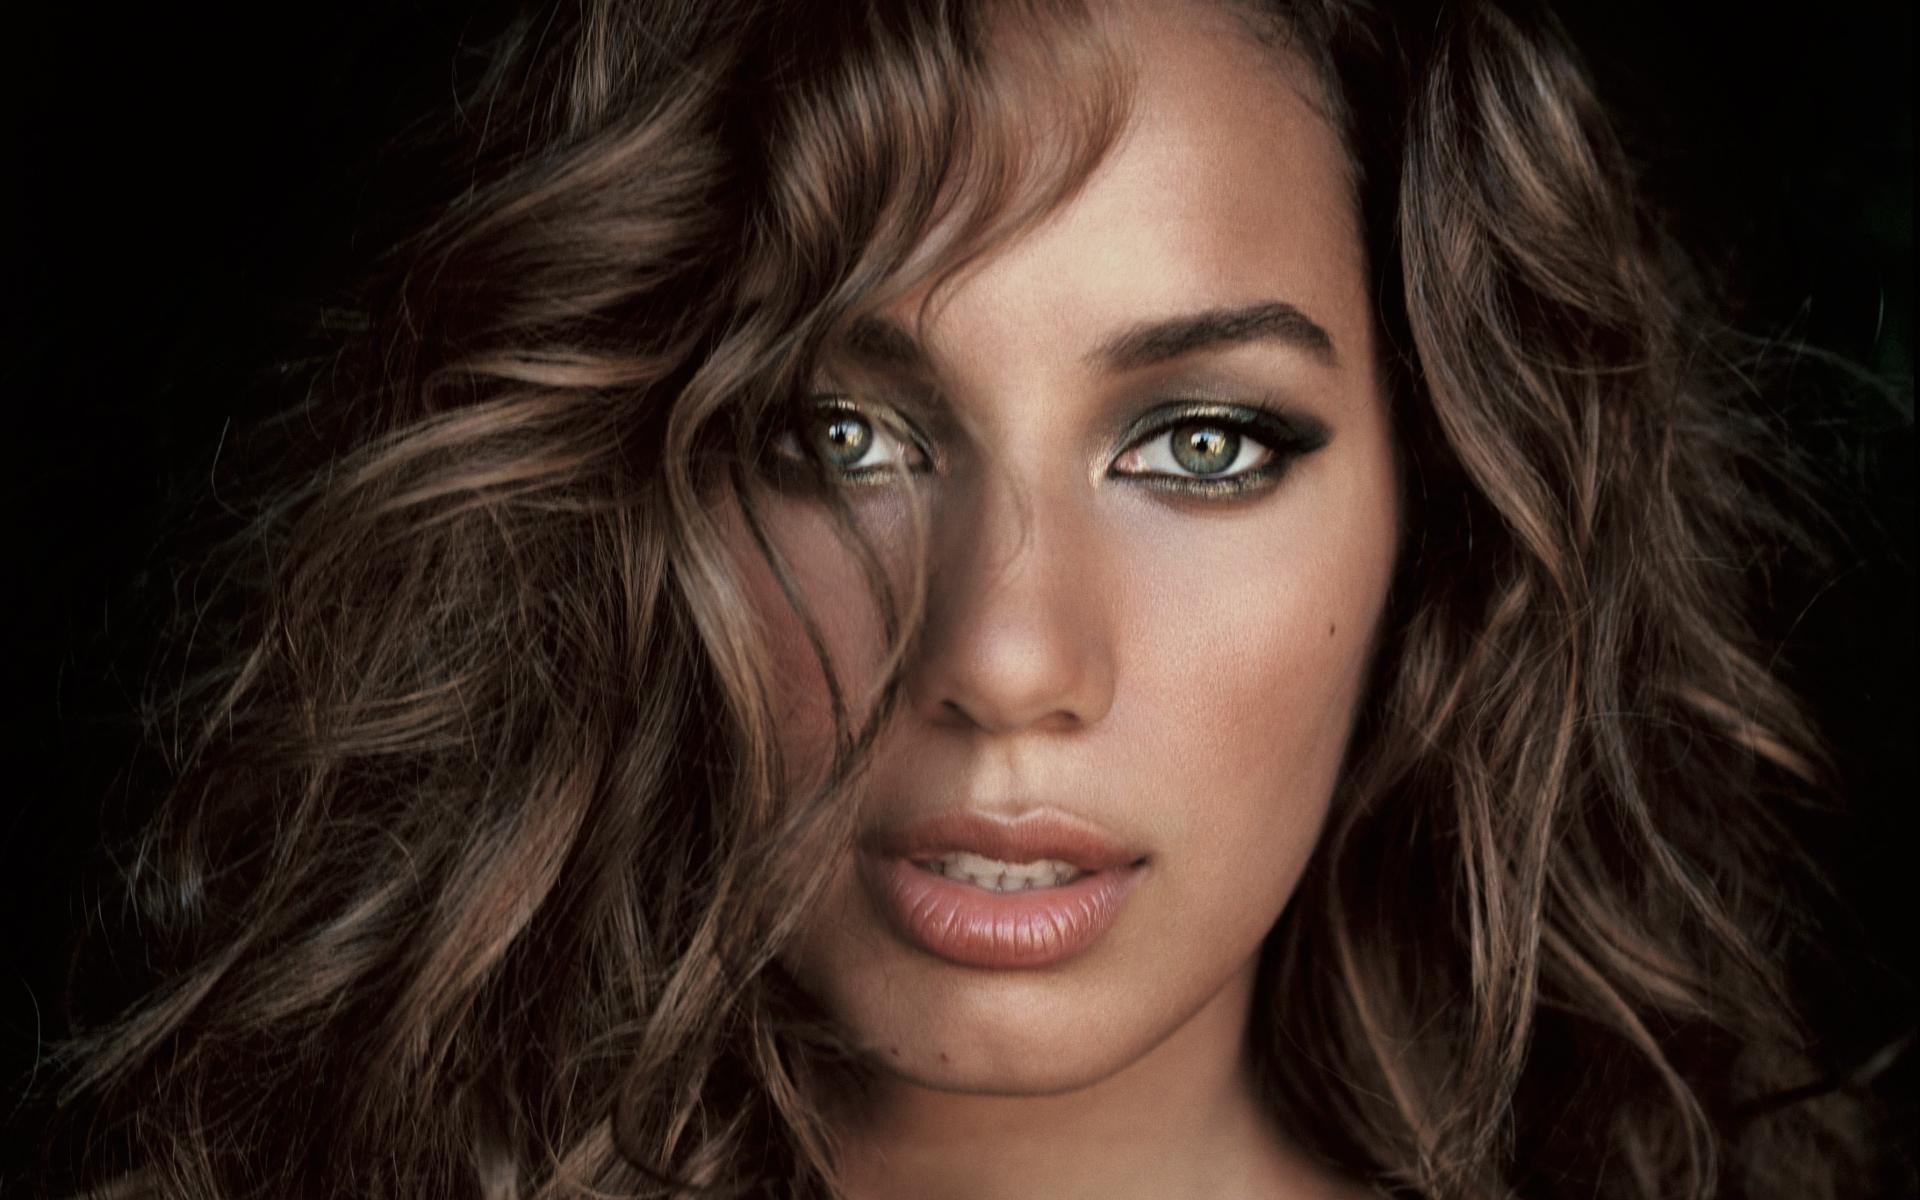 Leona Lewis, ingiliz şarkıcı tarihte bugün